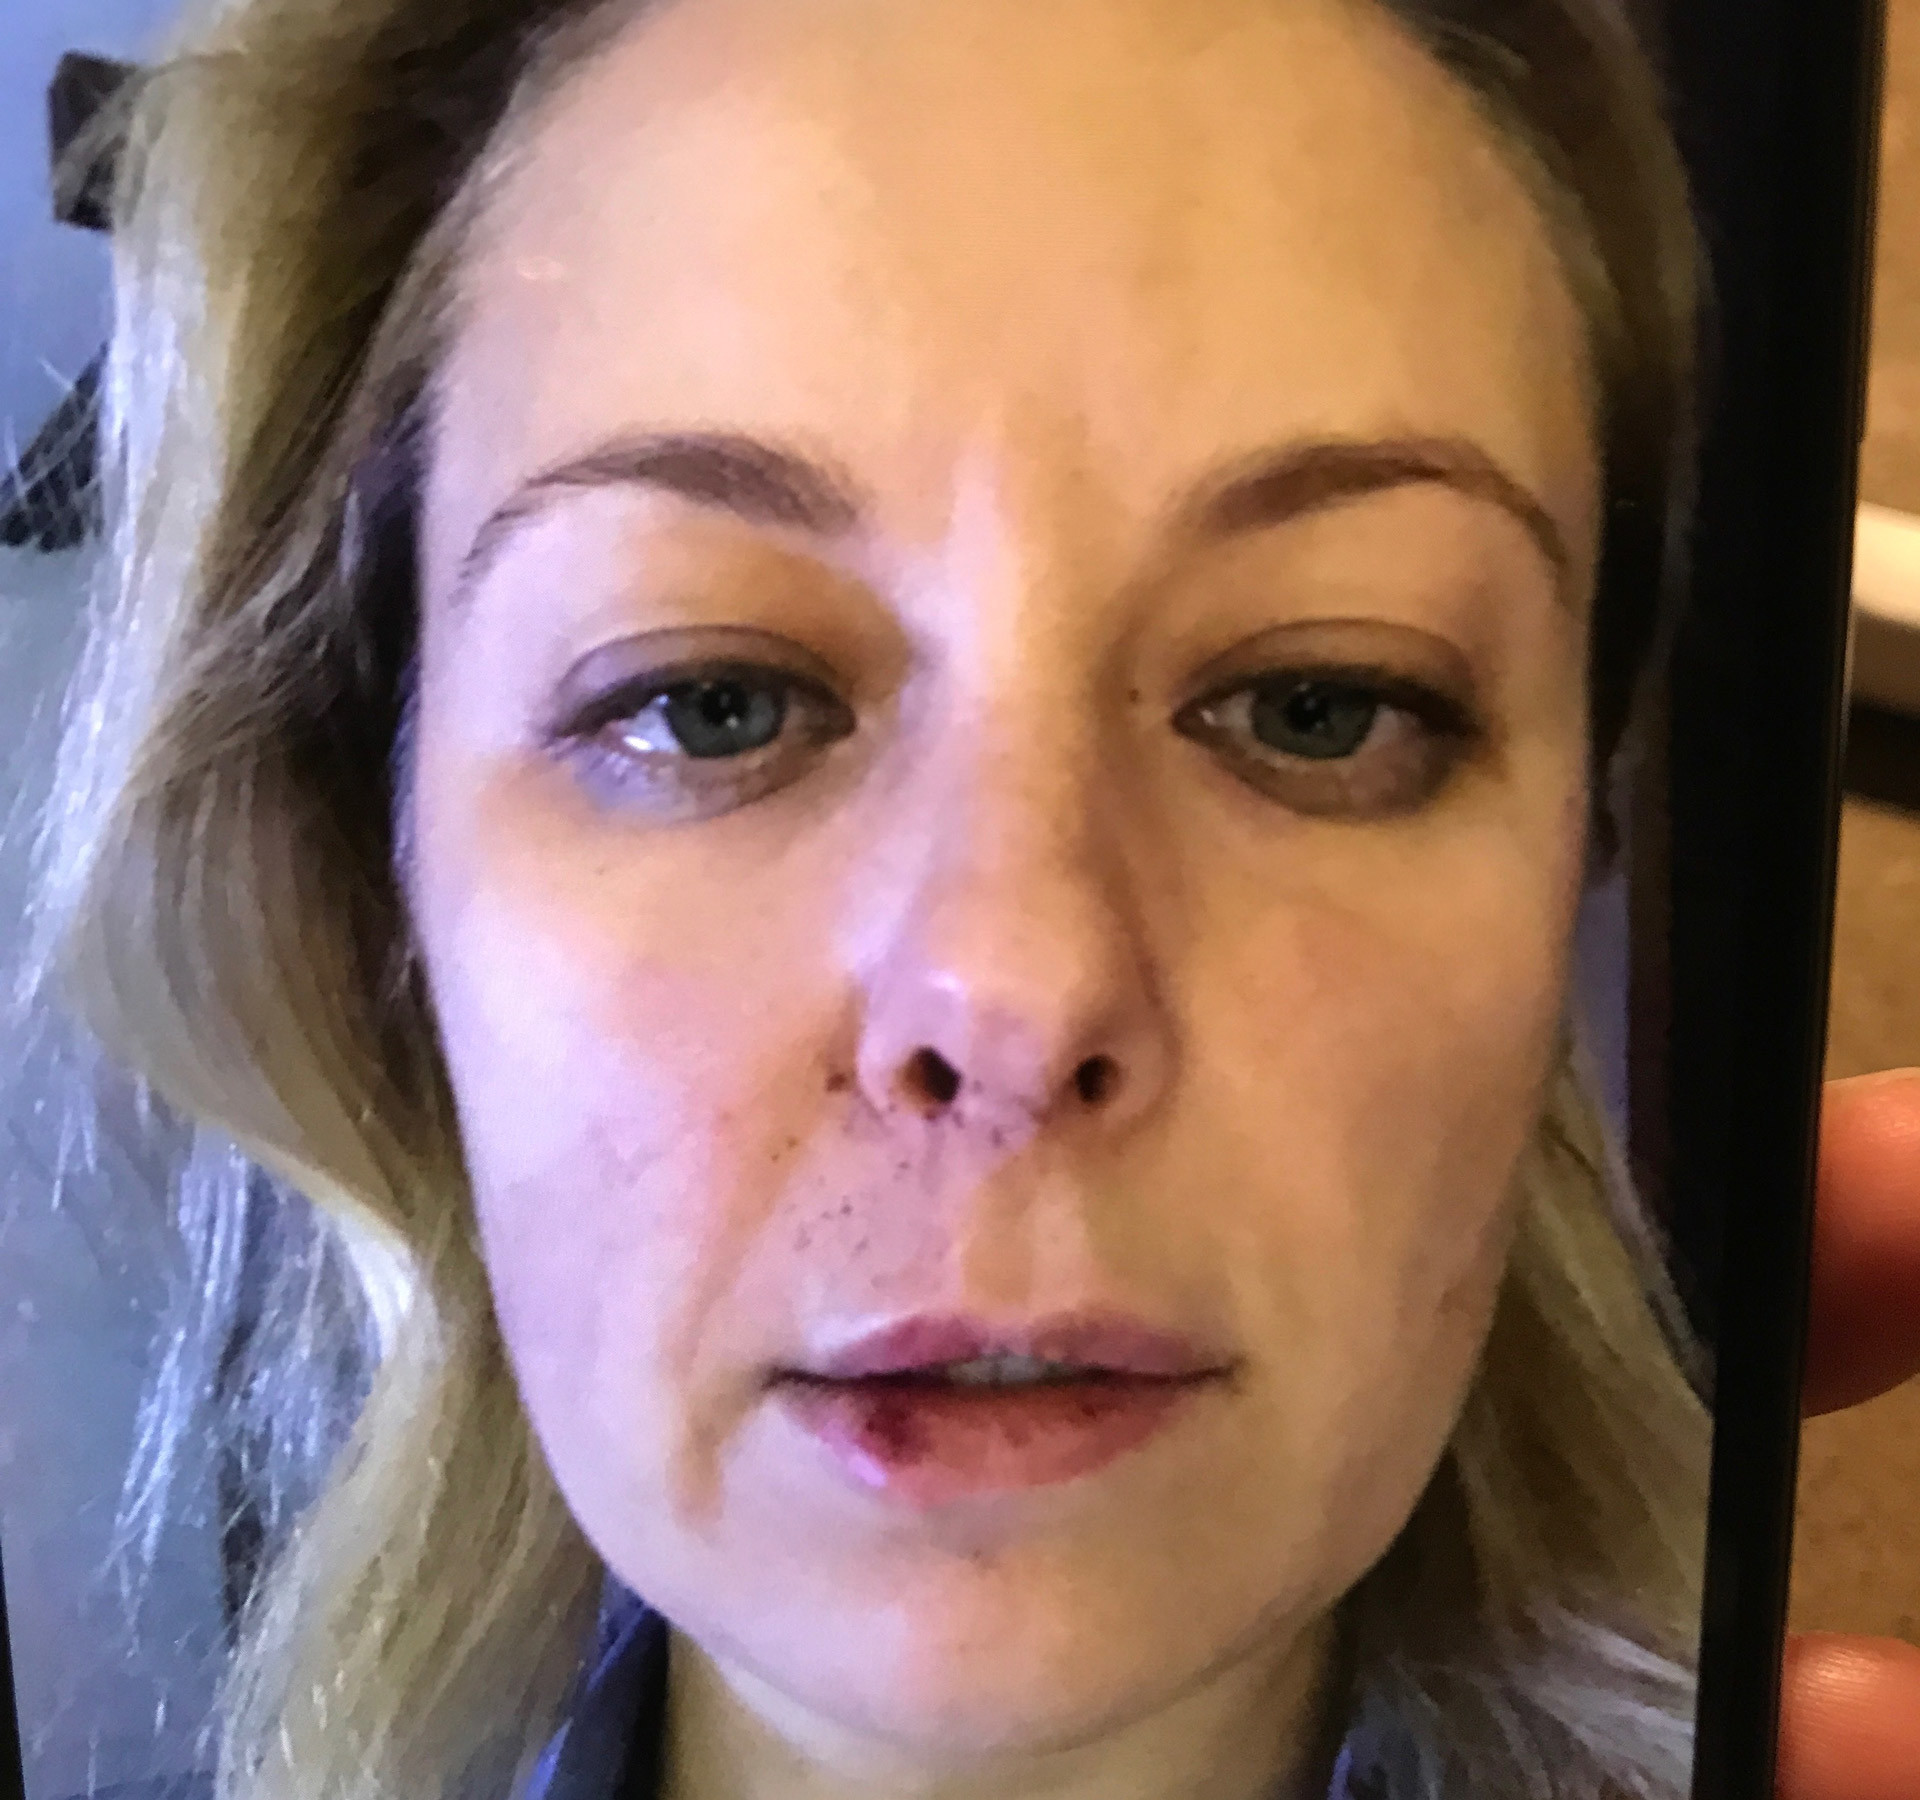 Анна Федосеева после избиения Сергеем Гришиным. Фото предоставлено адвокатом Екатериной Духиной